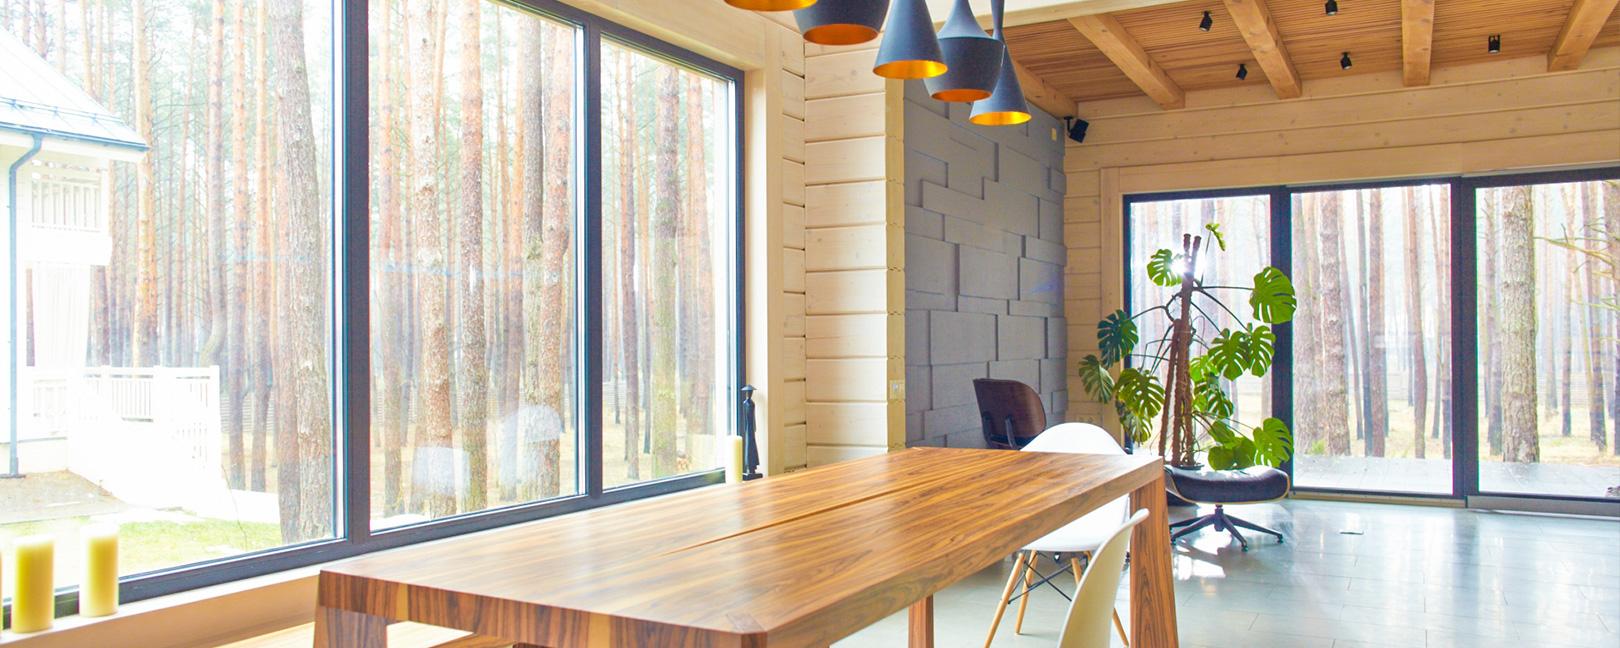 新築戸建て設計・リノベーション